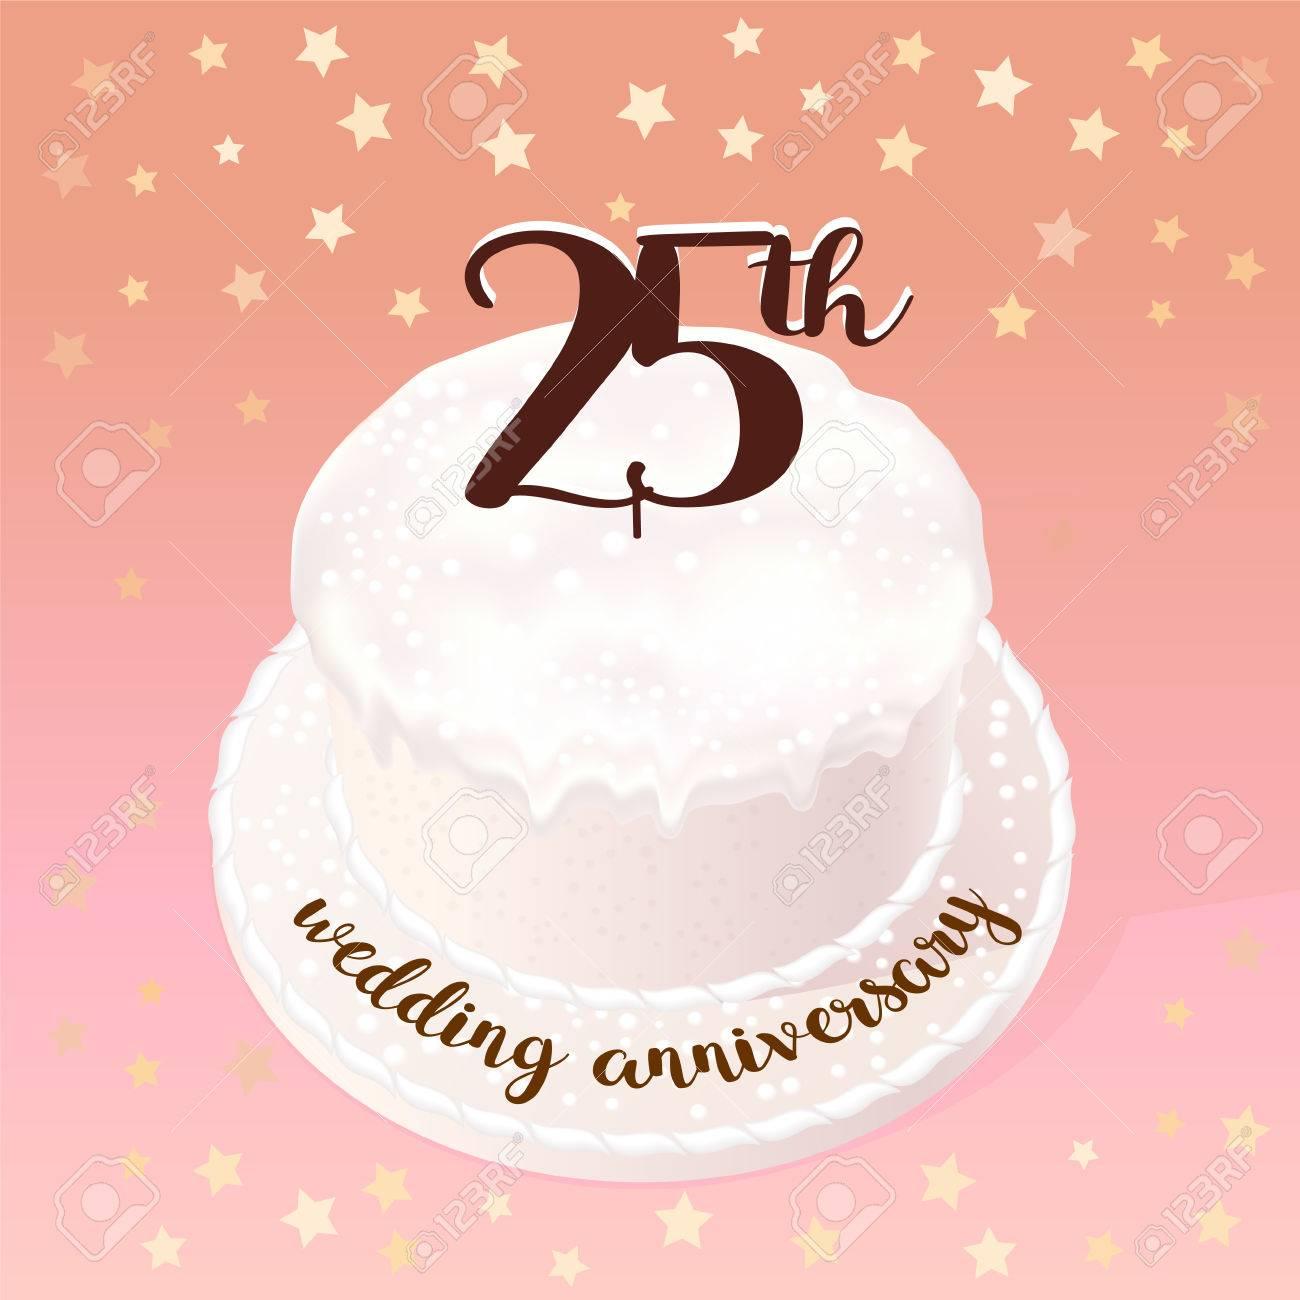 25 Ans Dicône De Vecteur Mariage Ou Mariage Illustration élément De Design Avec Gâteau De Célébration Pour Le 25ème Anniversaire De Mariage